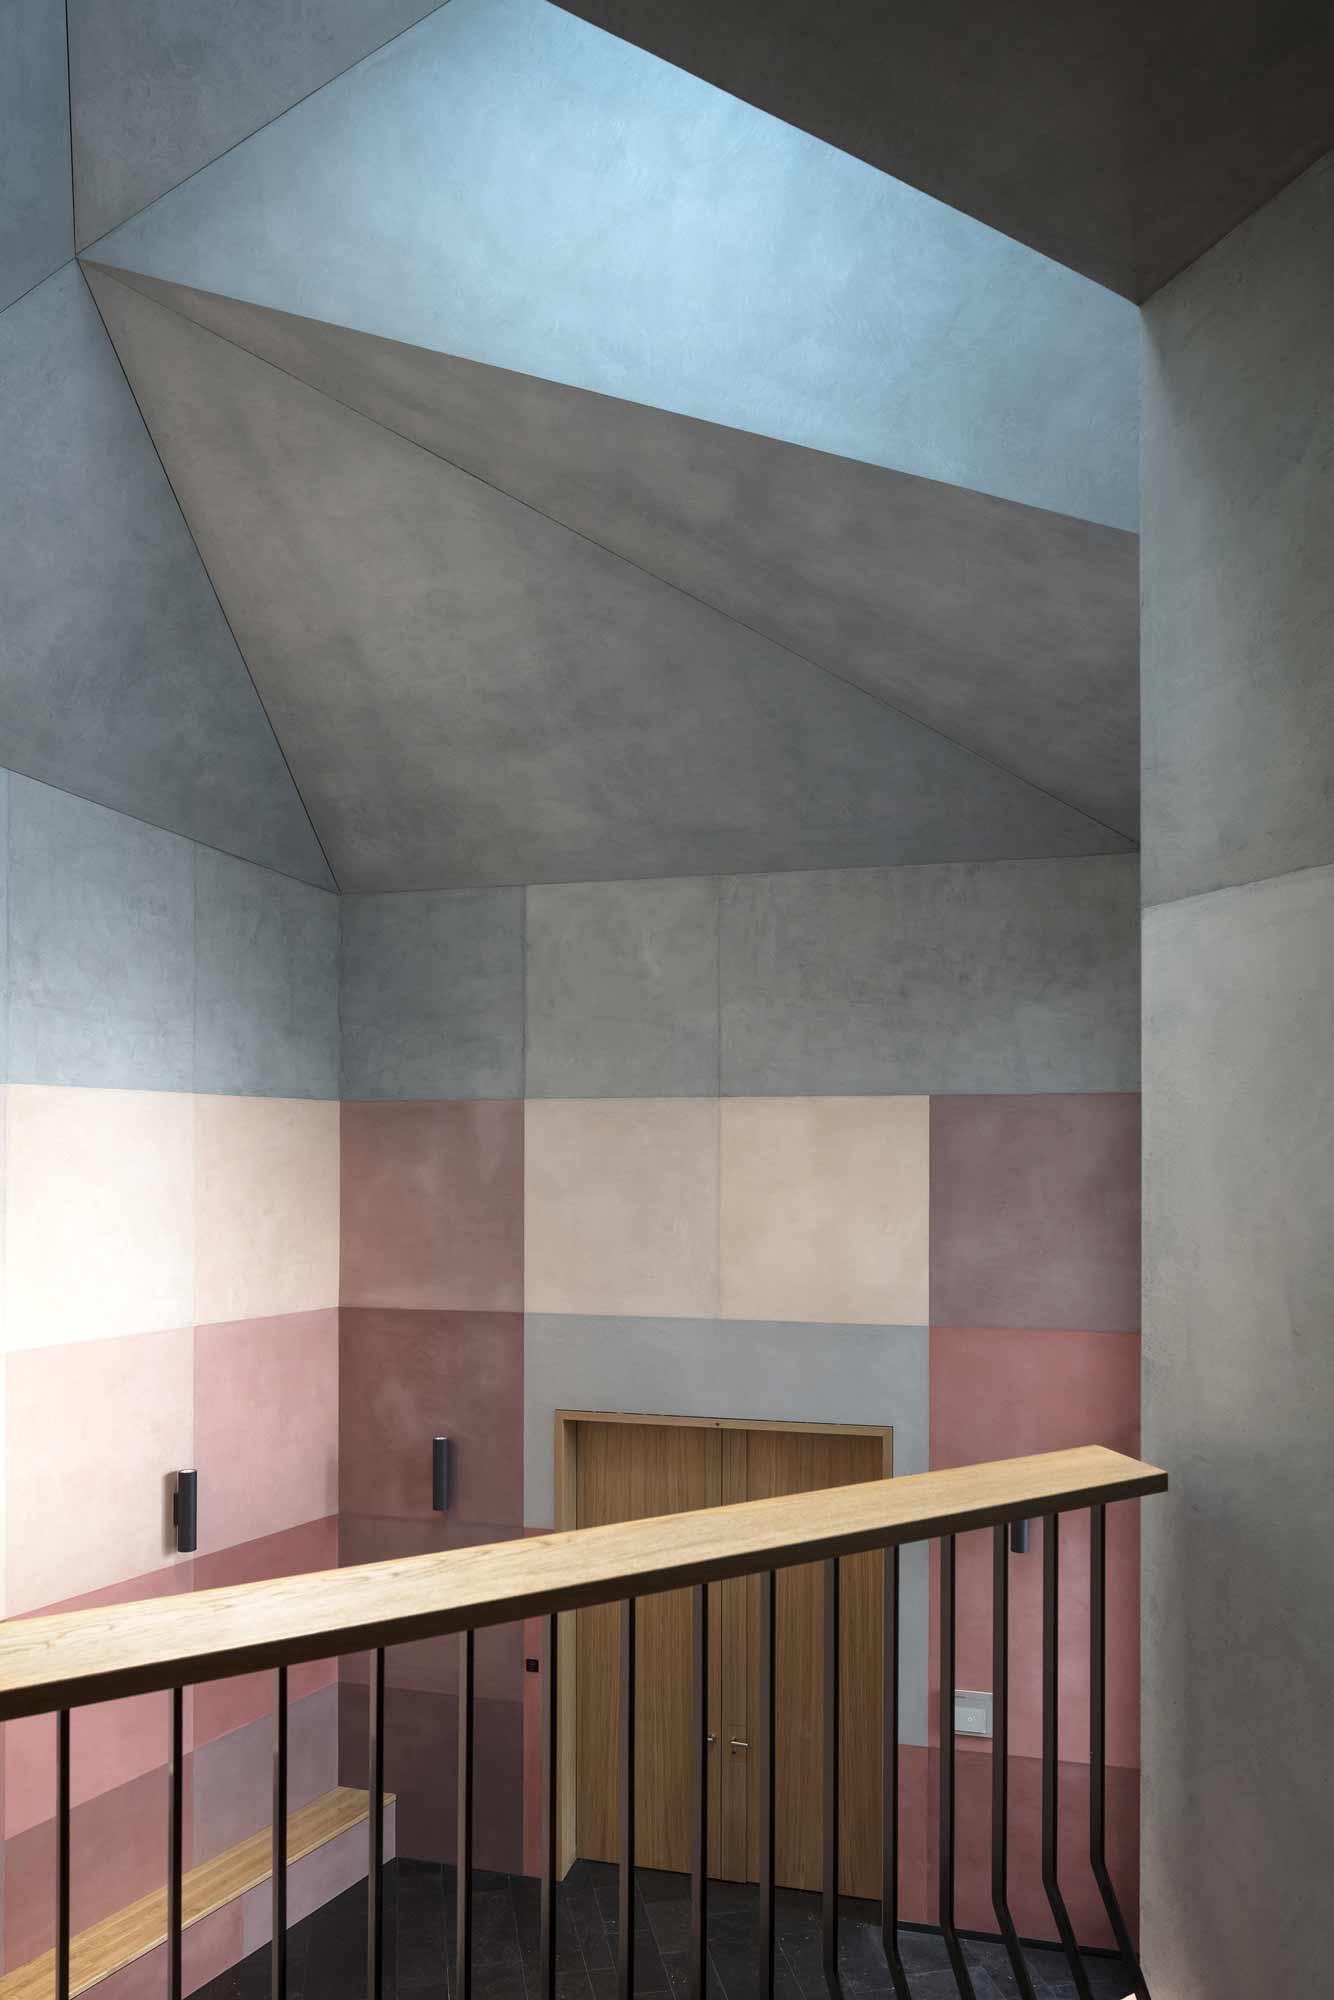 Schulumbau am Bodensee von Lukas Imhof Architektur